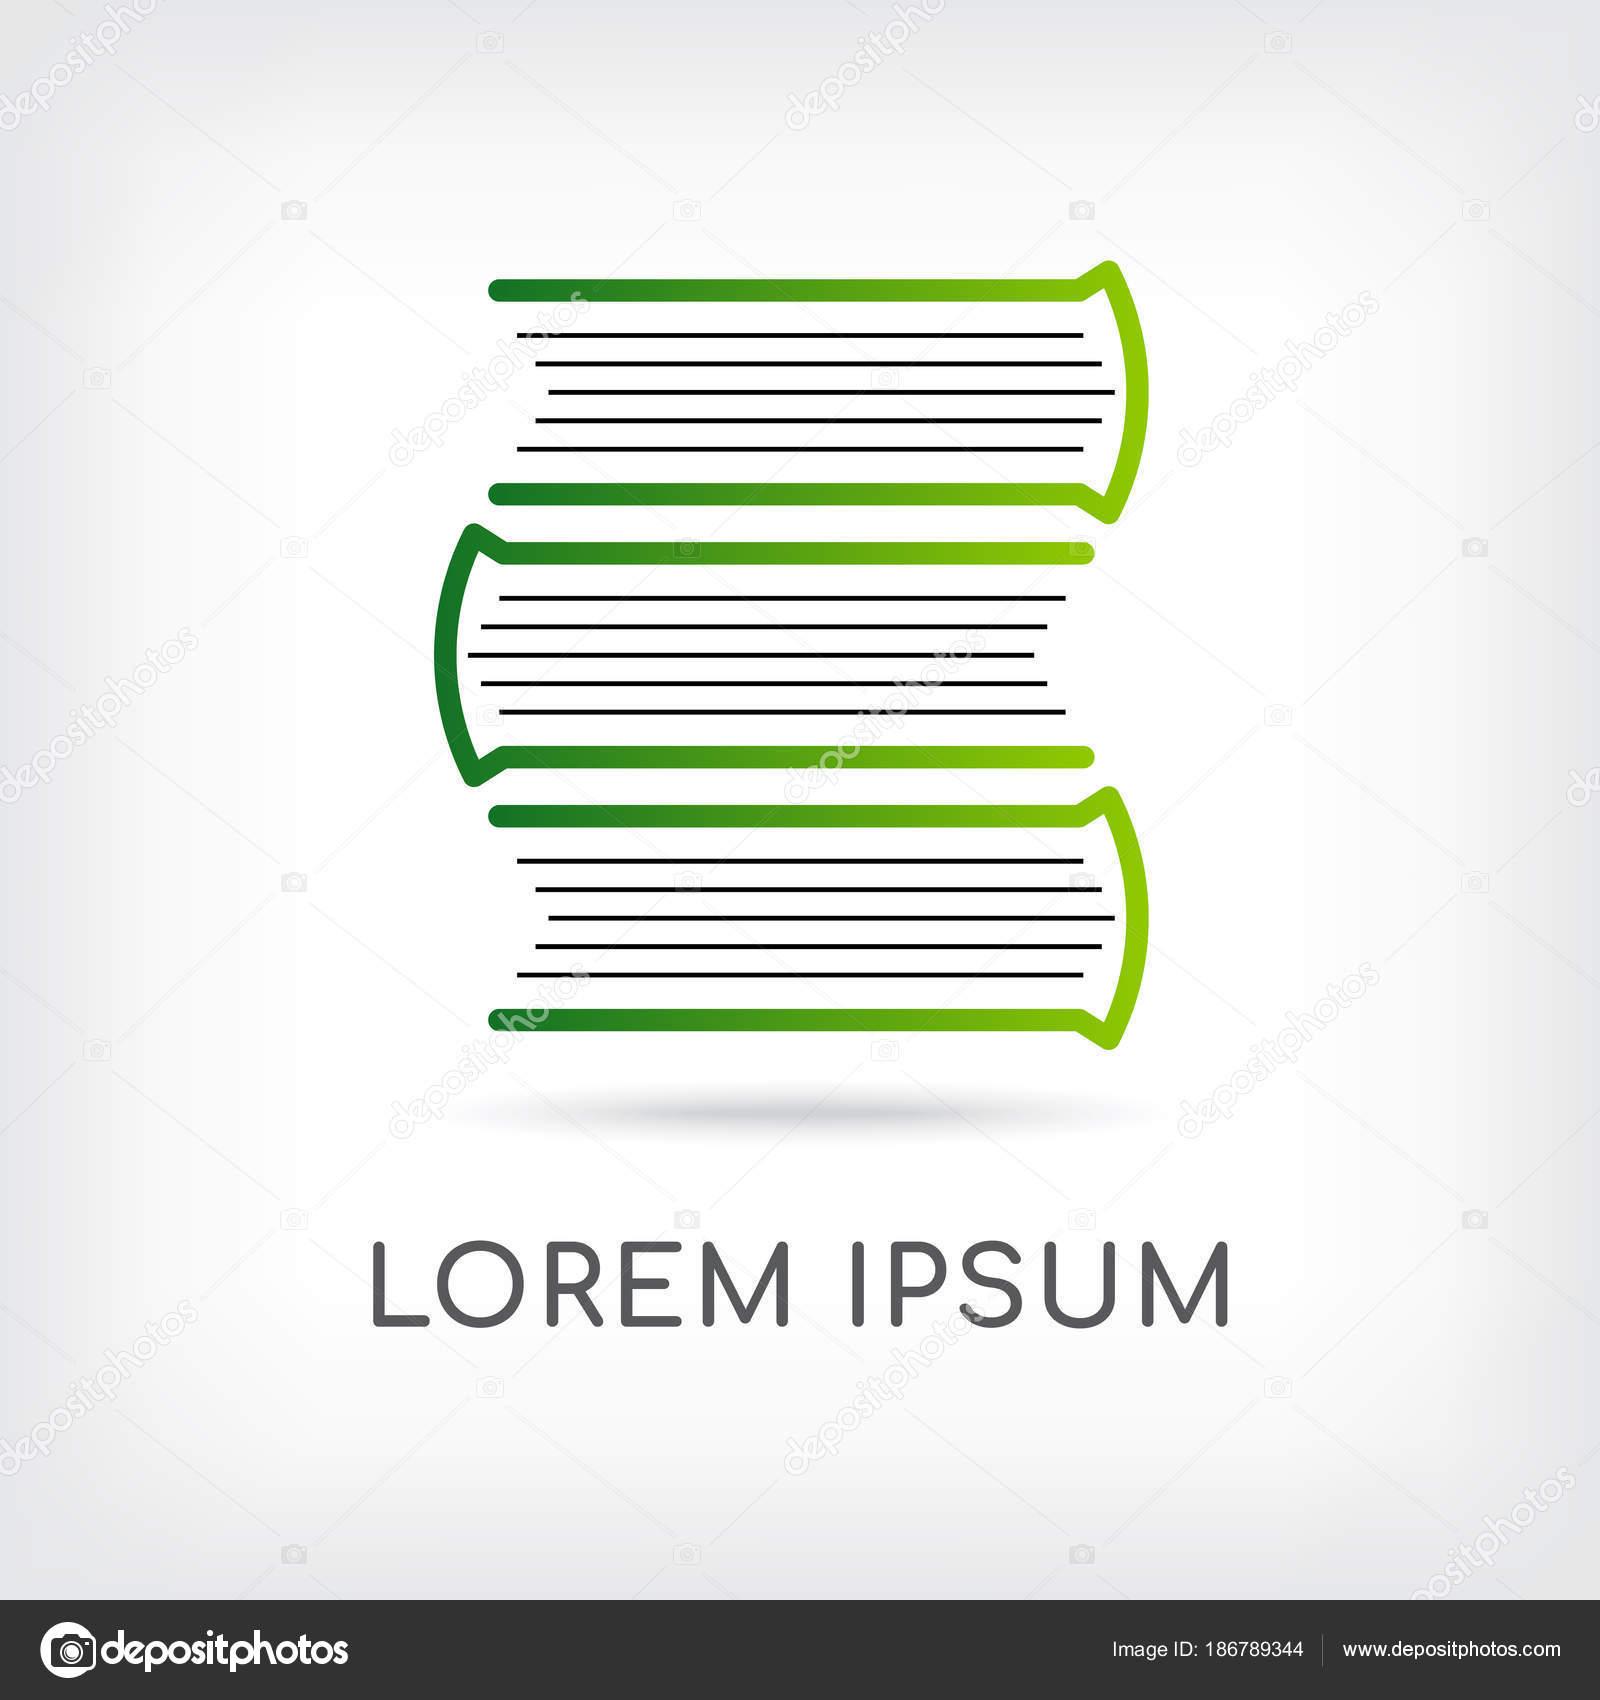 Plantilla Diseño Logotipo Libro Vector Cuadernos Mínima Capa Icono ...